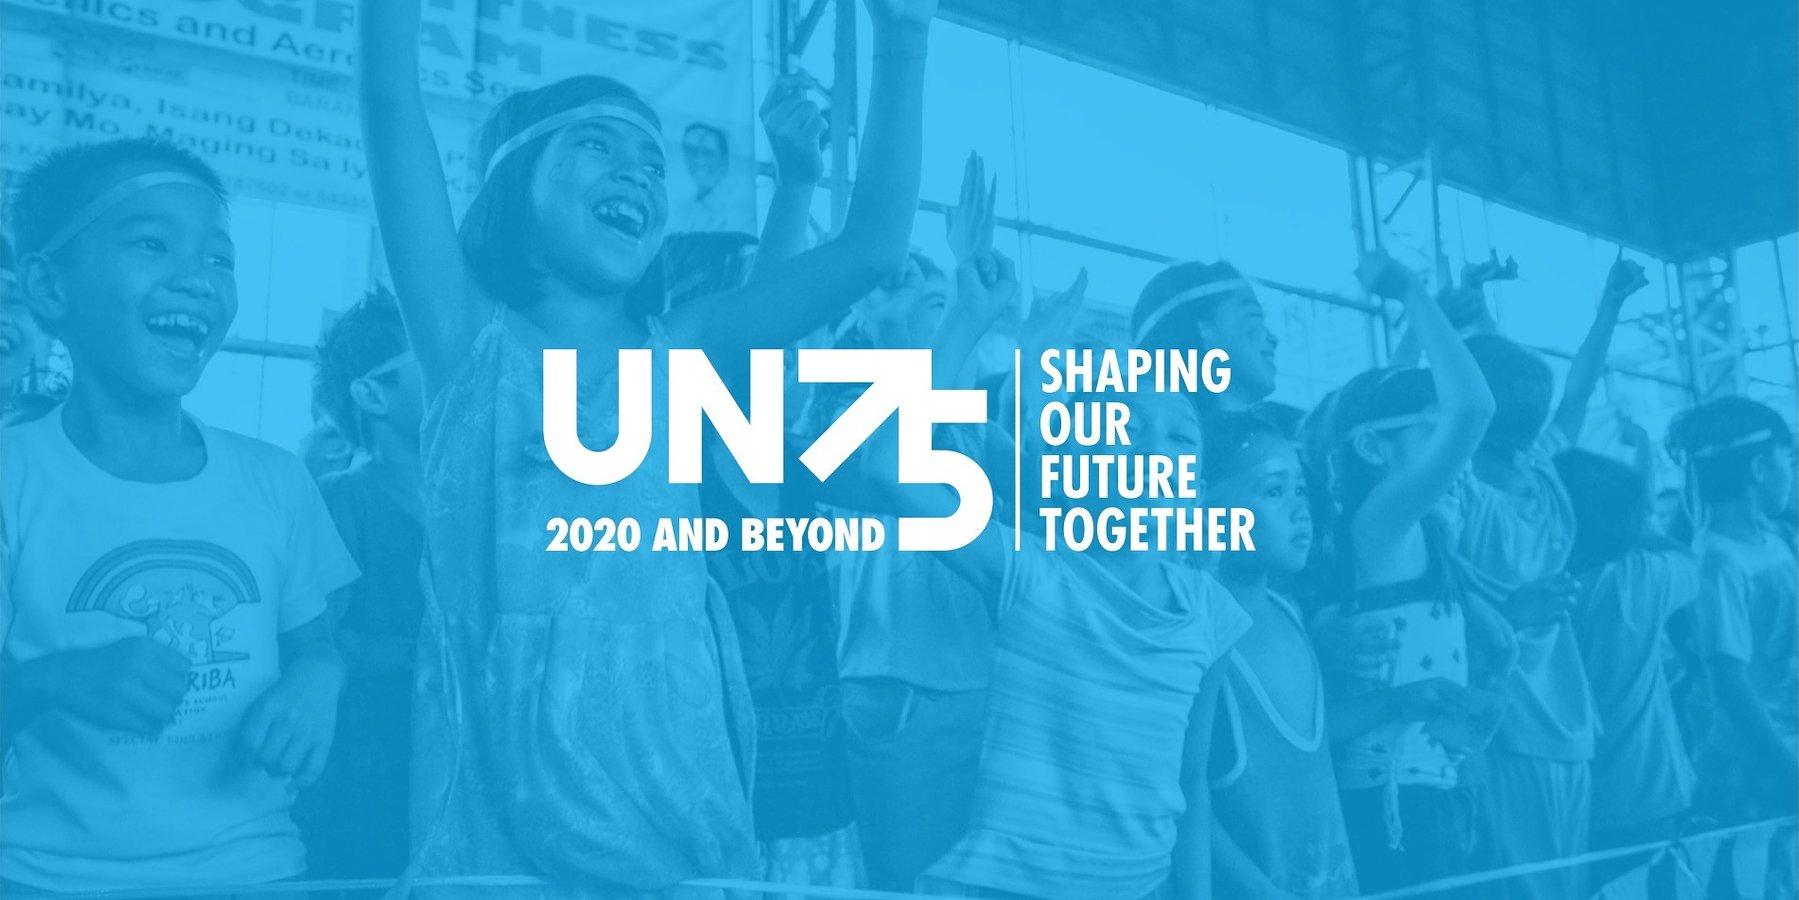 L'application mobile Agora lance le concours #TheWorldWeWant en soutien au 75e anniversaire des Nations Unies